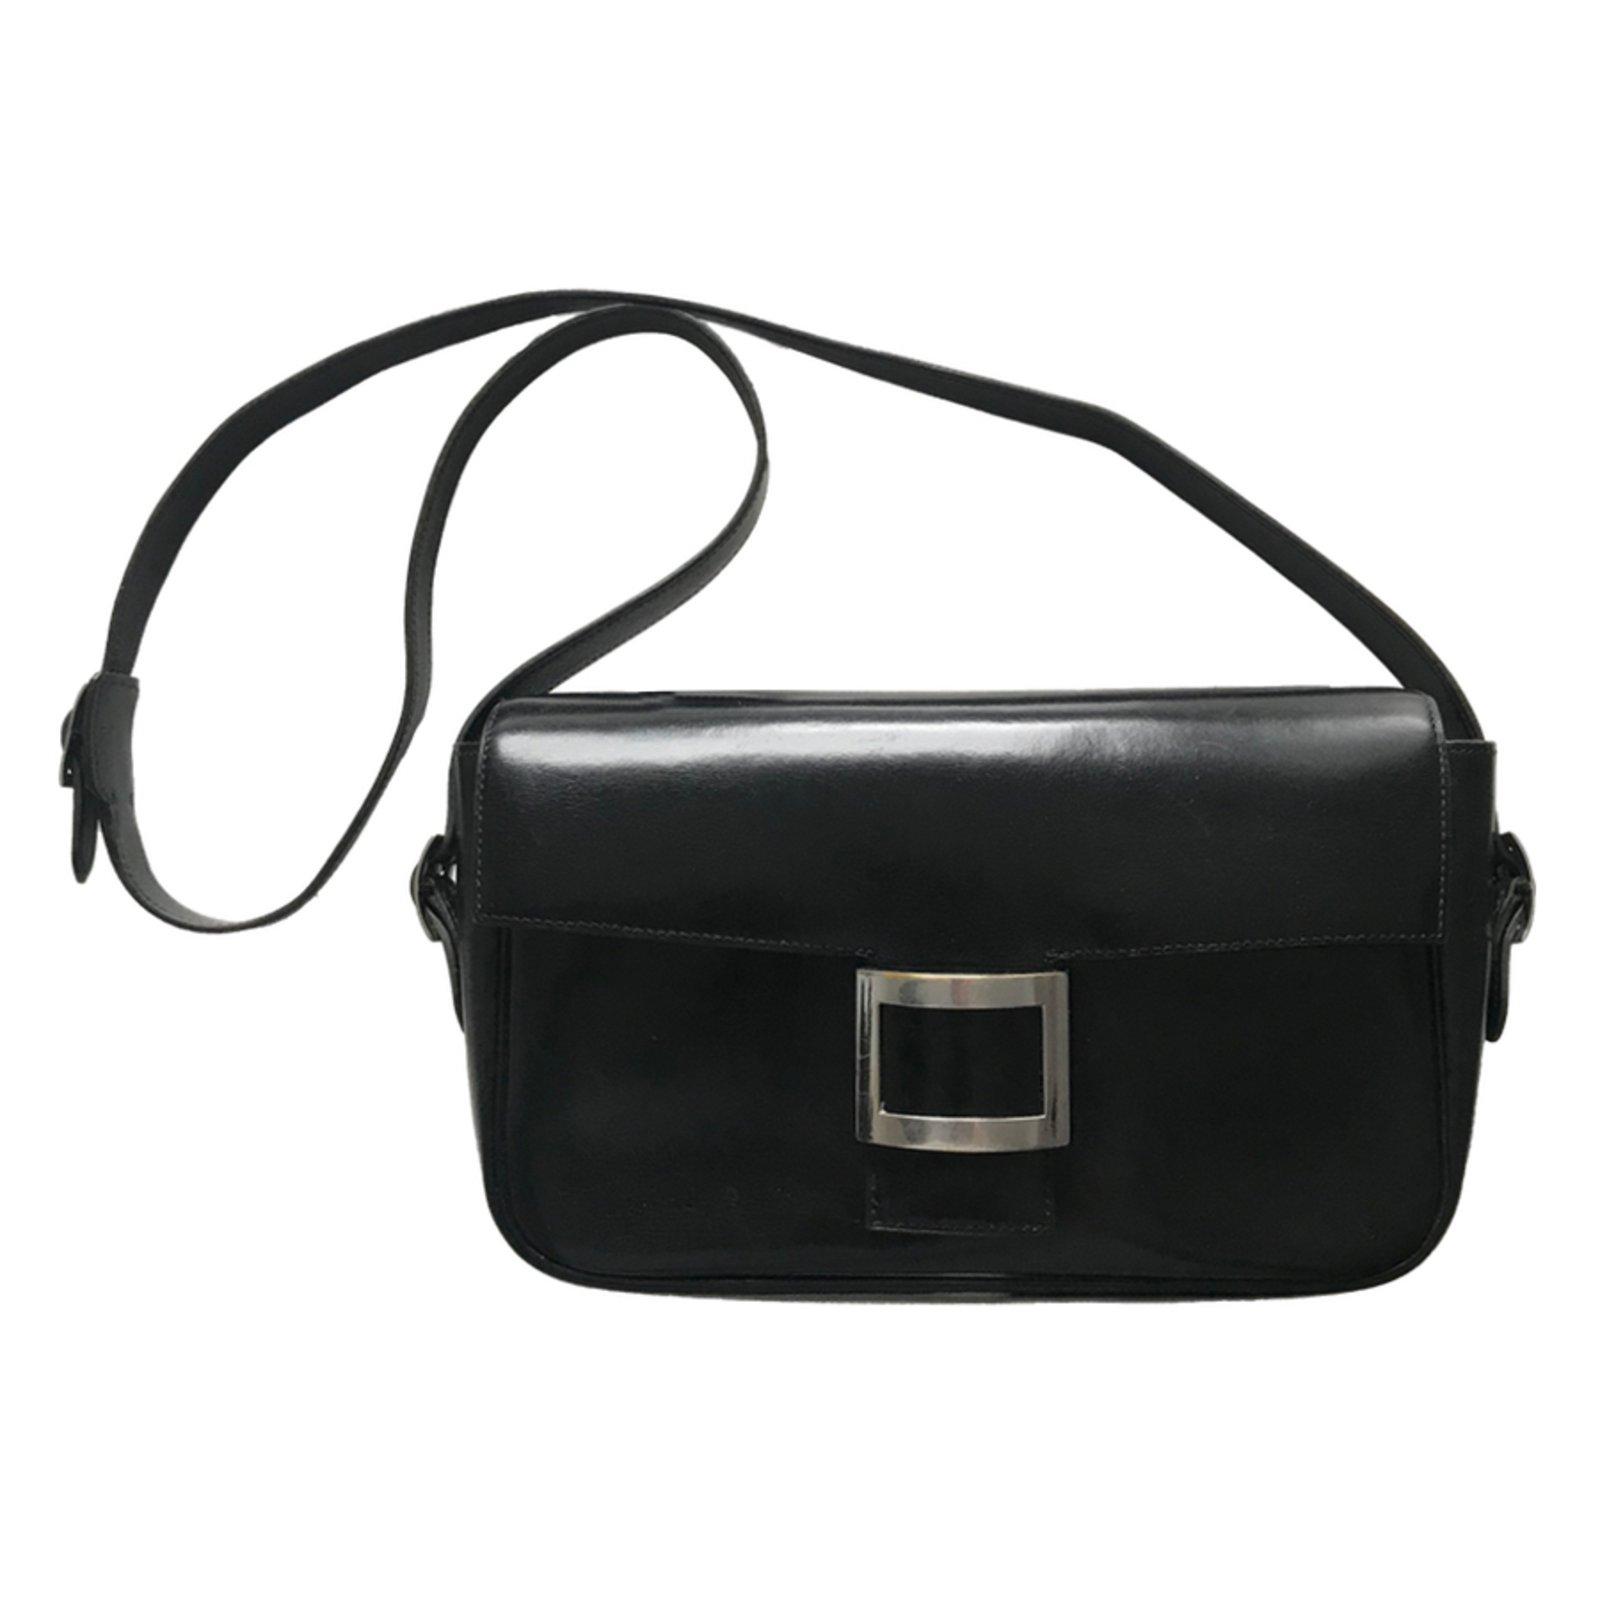 Hermès Martine Shoulder Bag Handbags Leather Black ref.62838